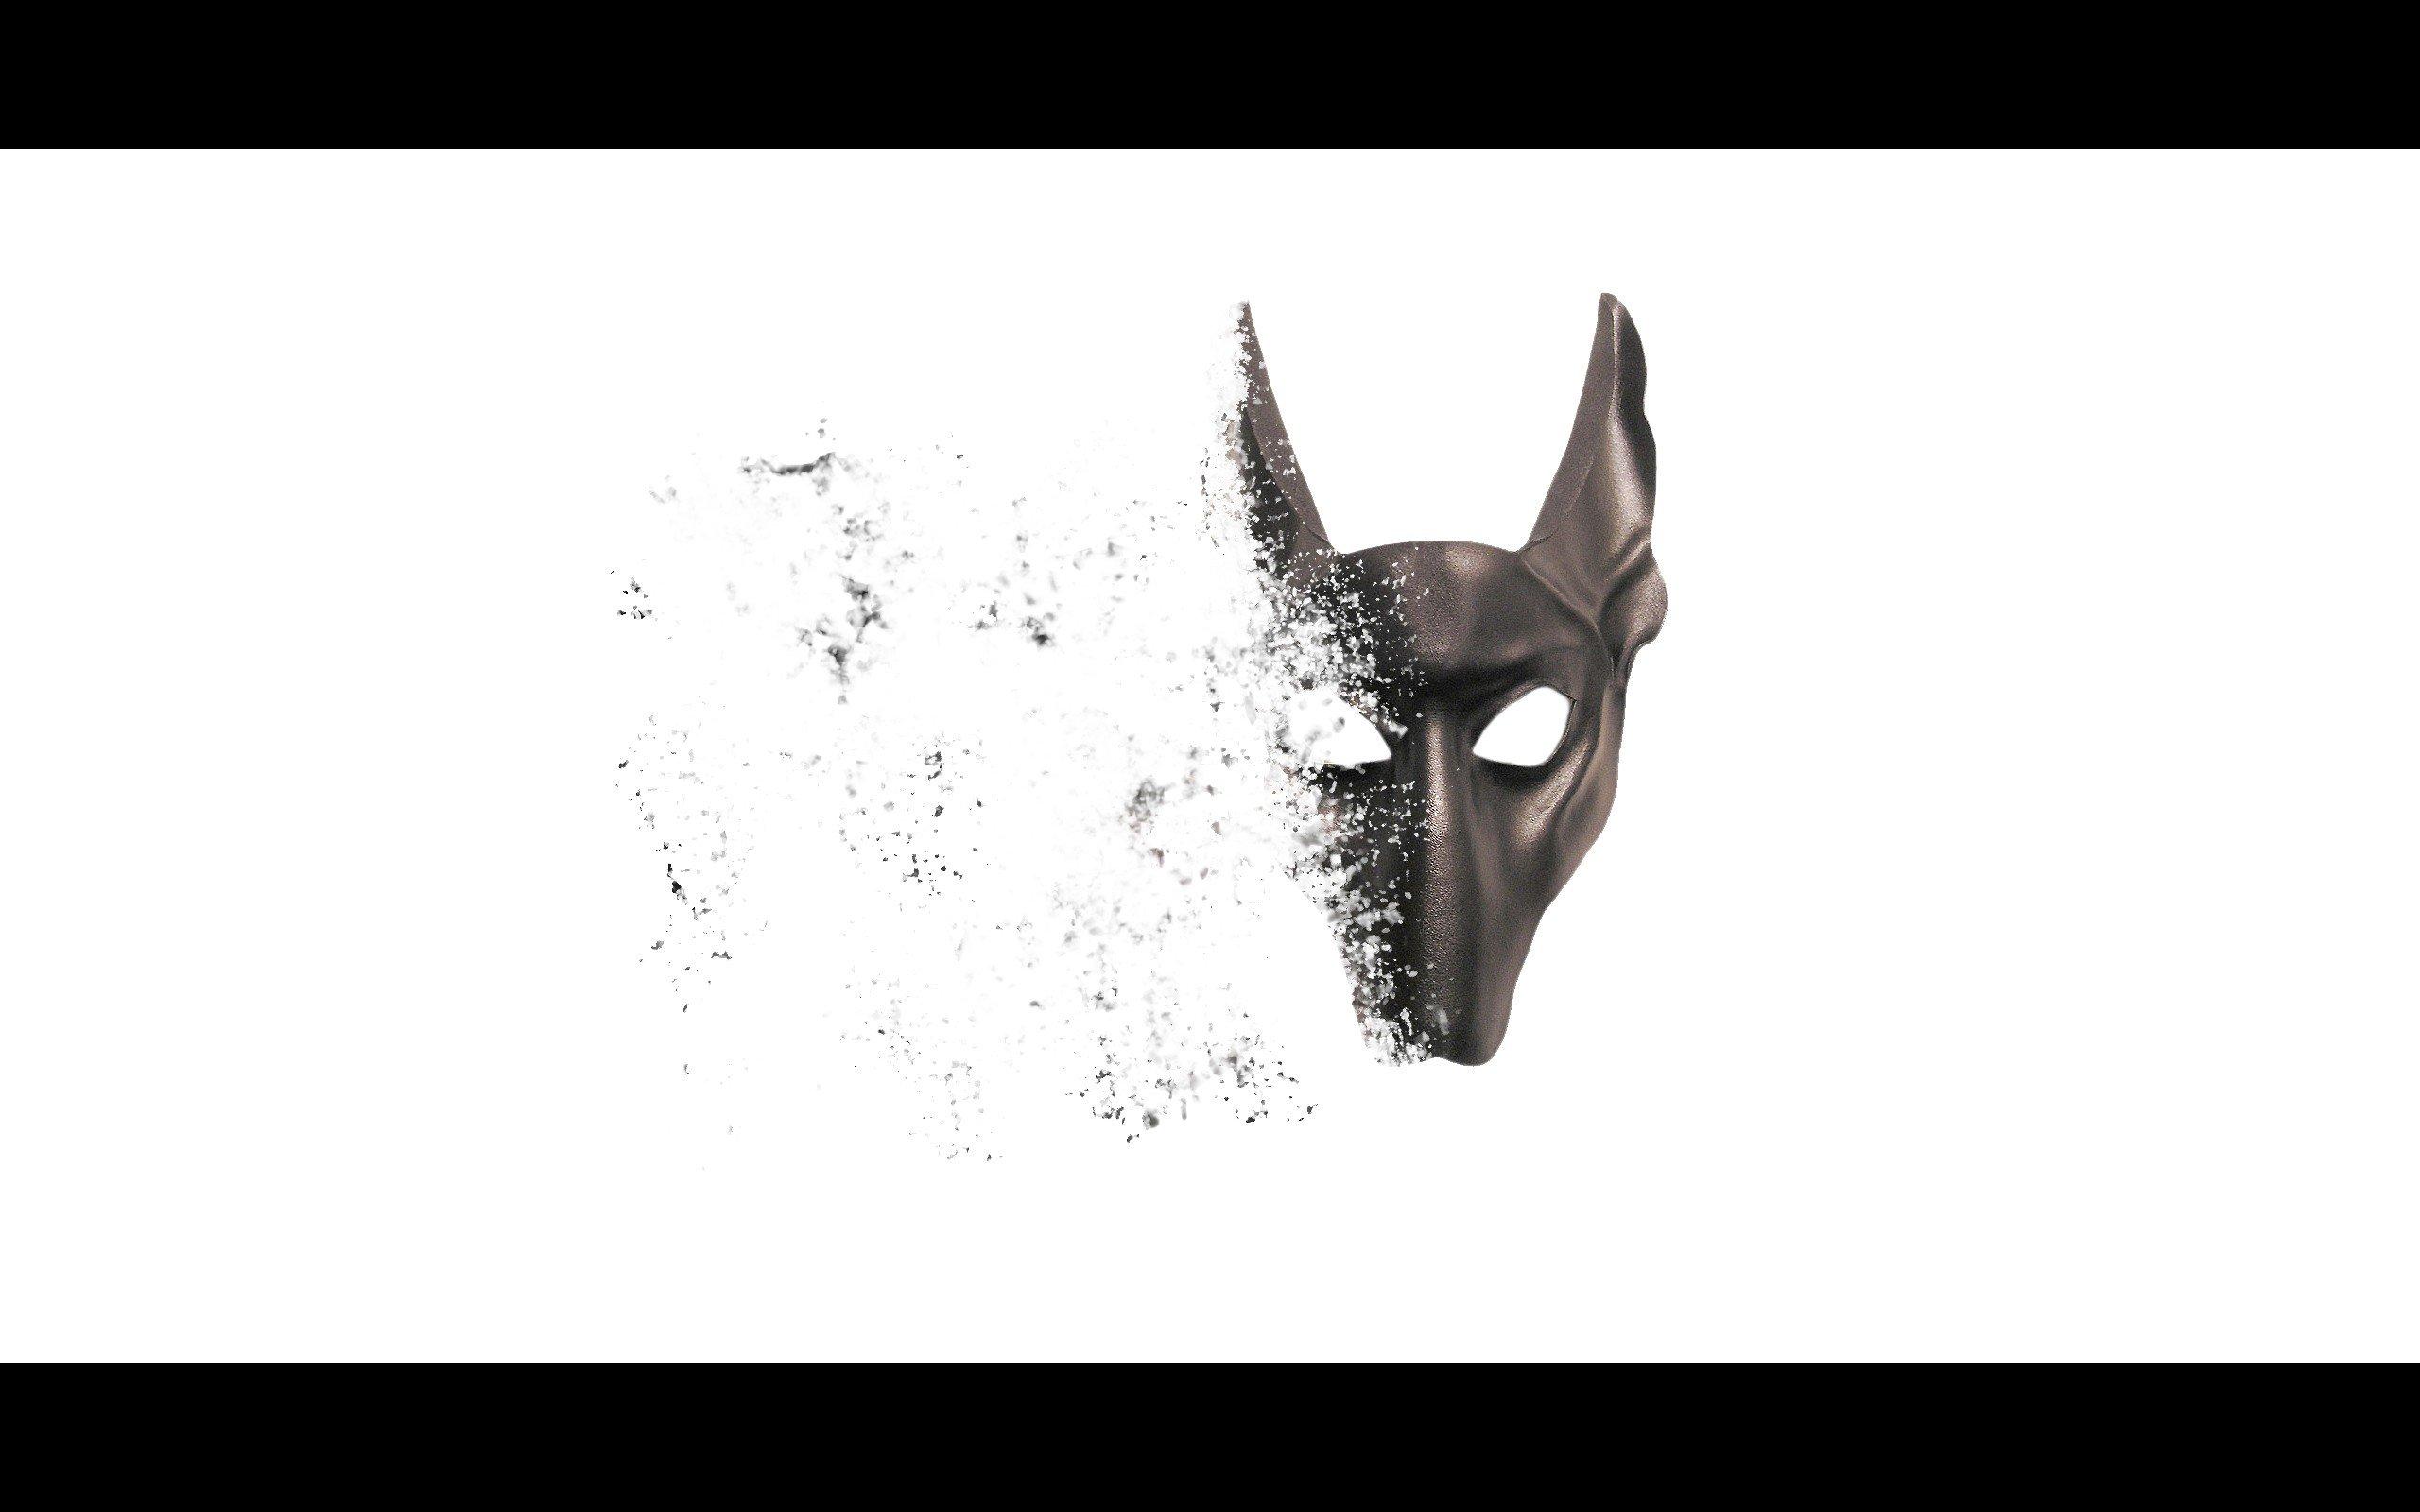 black and white masks anubis jackal scatter wallpaper. Black Bedroom Furniture Sets. Home Design Ideas